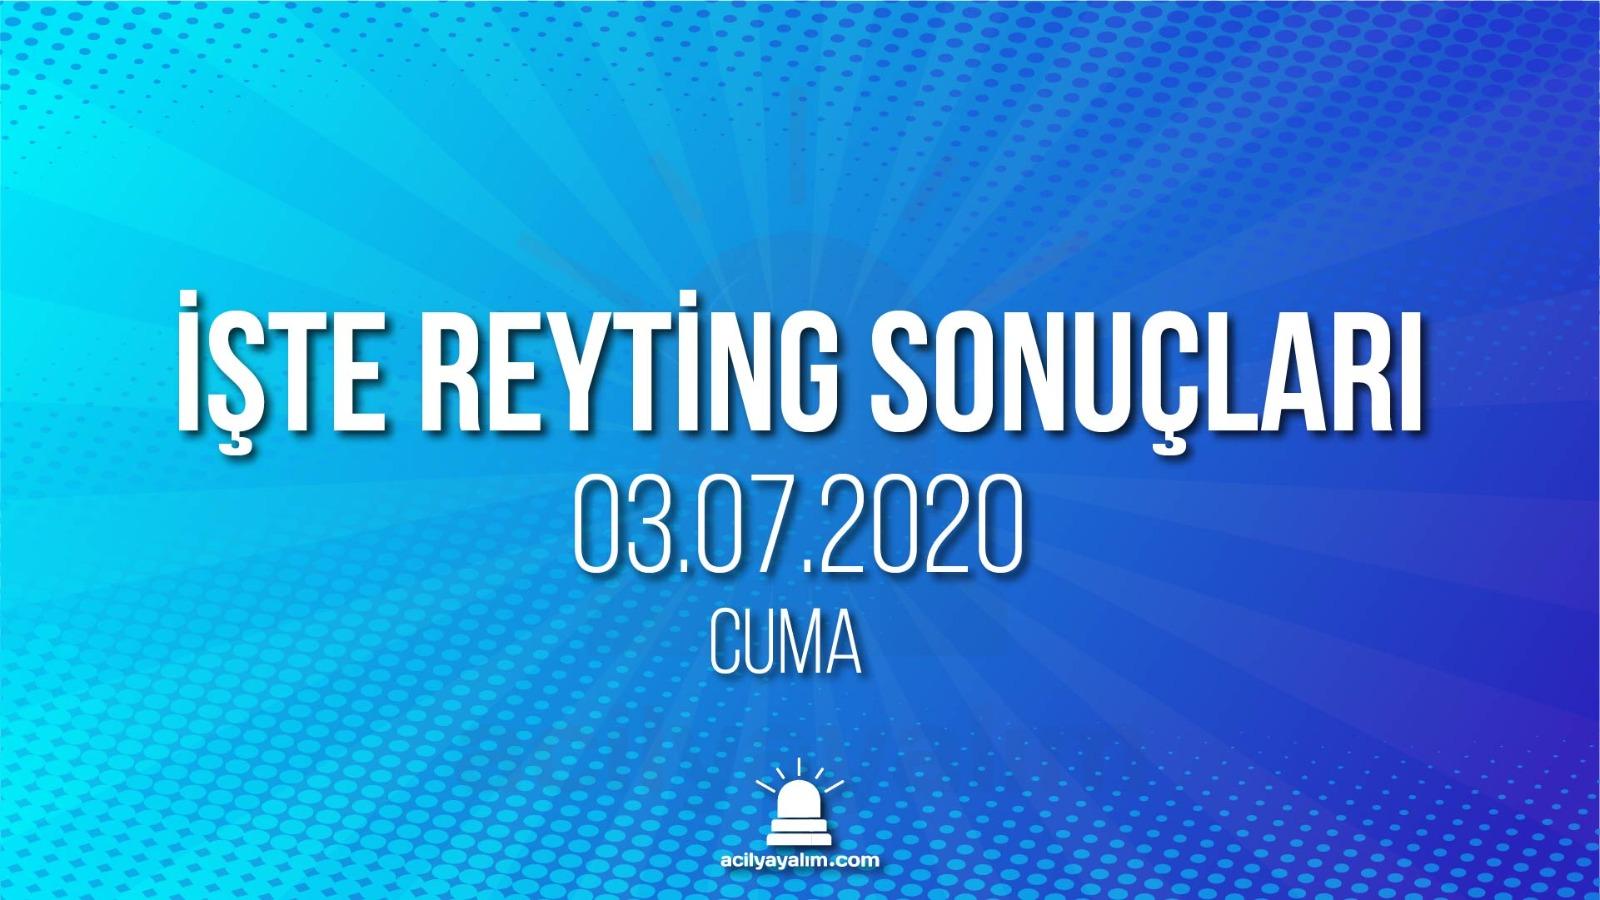 3 Temmuz 2020 Cuma reyting sonuçları